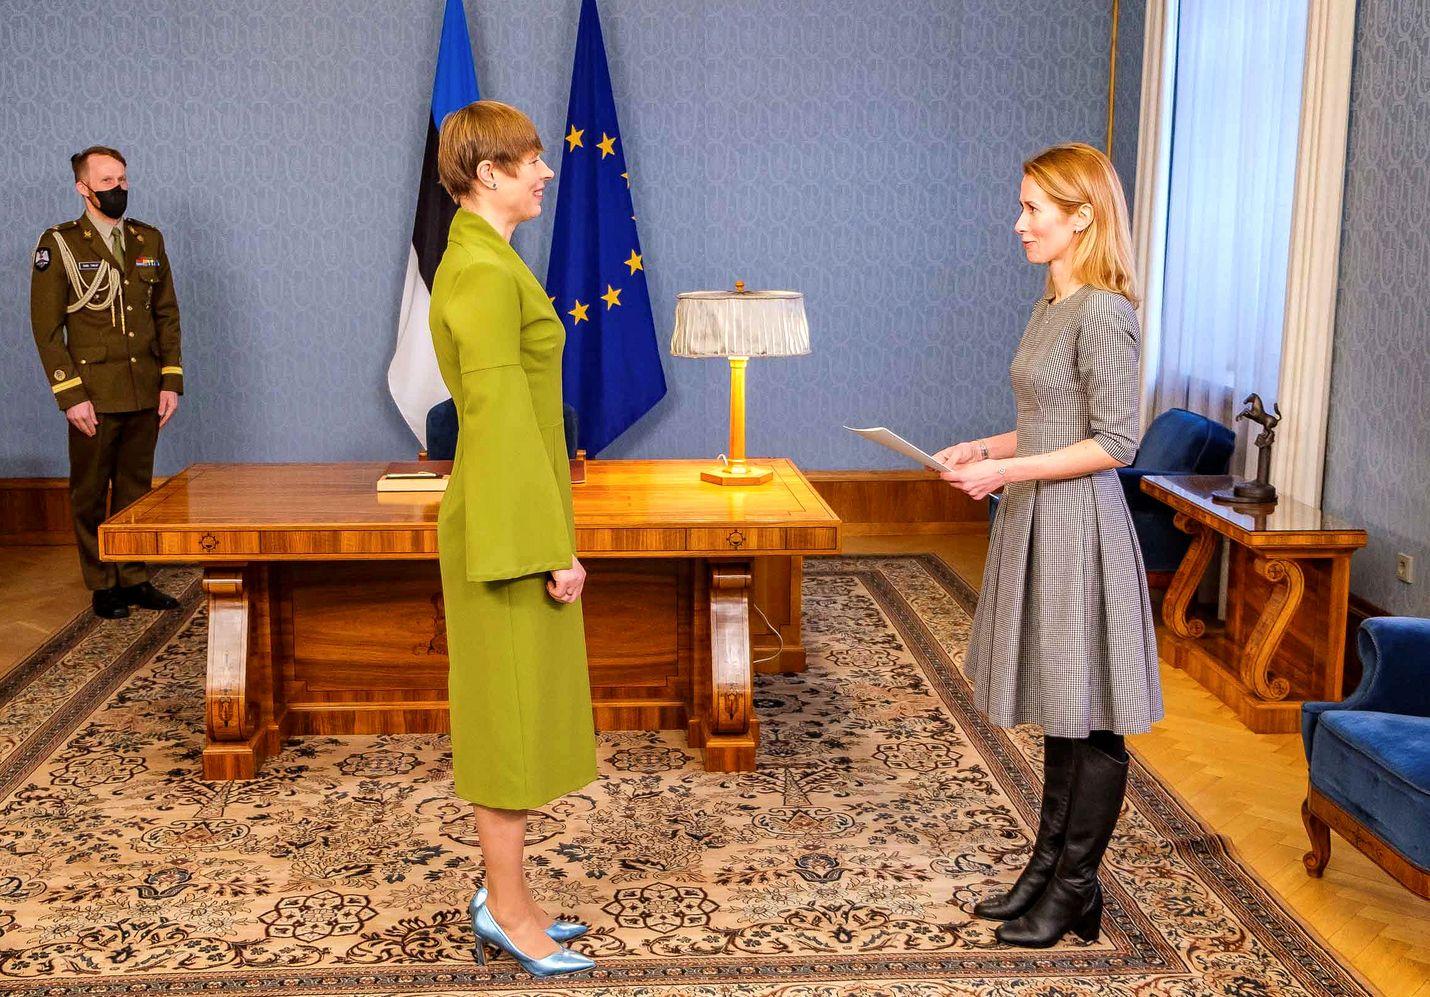 Viron presidentti Kersti Kaljulaid asetti Kaja Kallaksen tammikuun puolivälissä hallitustunnustelijaksi sen jälkeen, kun maan hallitus oli kaatunut.